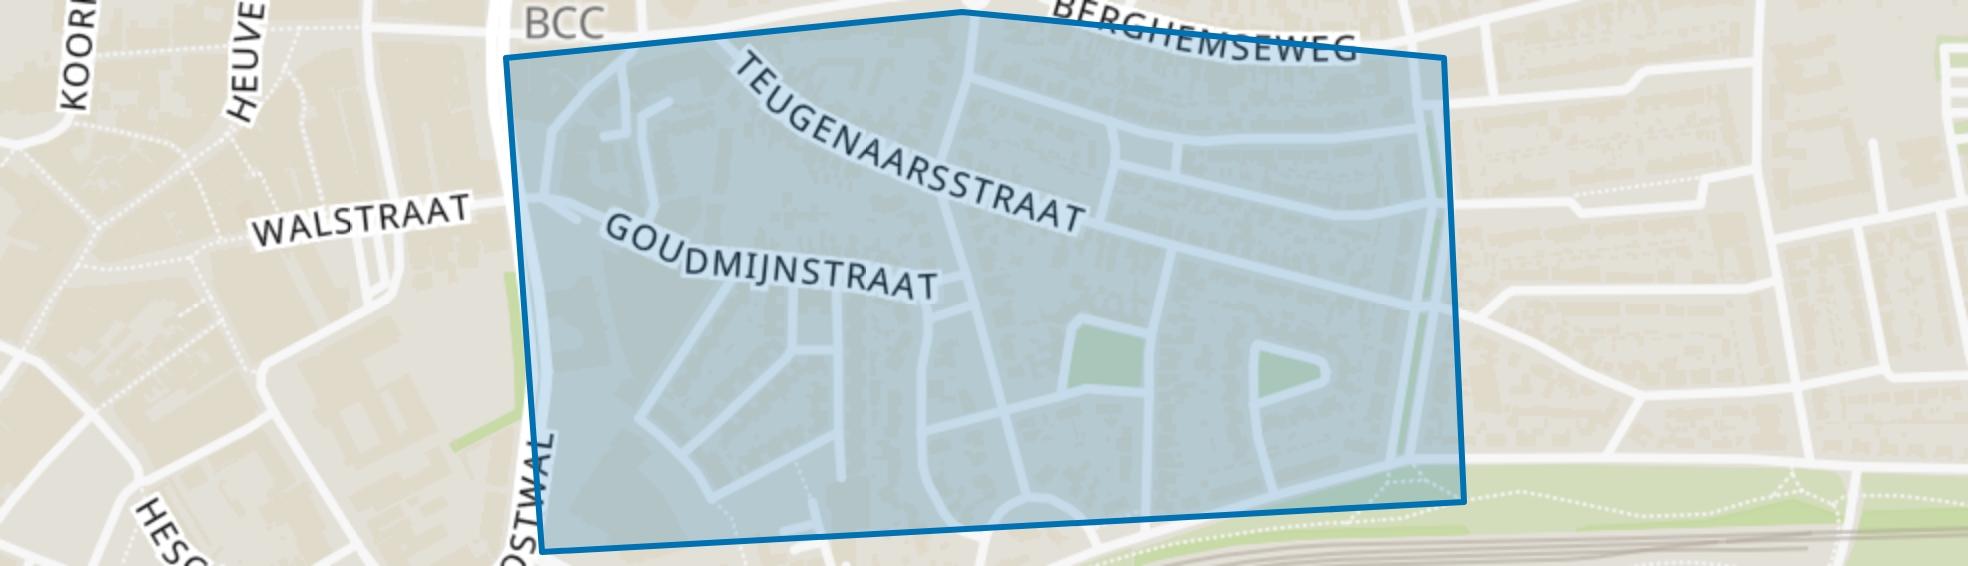 Berghemseweg-Zuid, Oss map